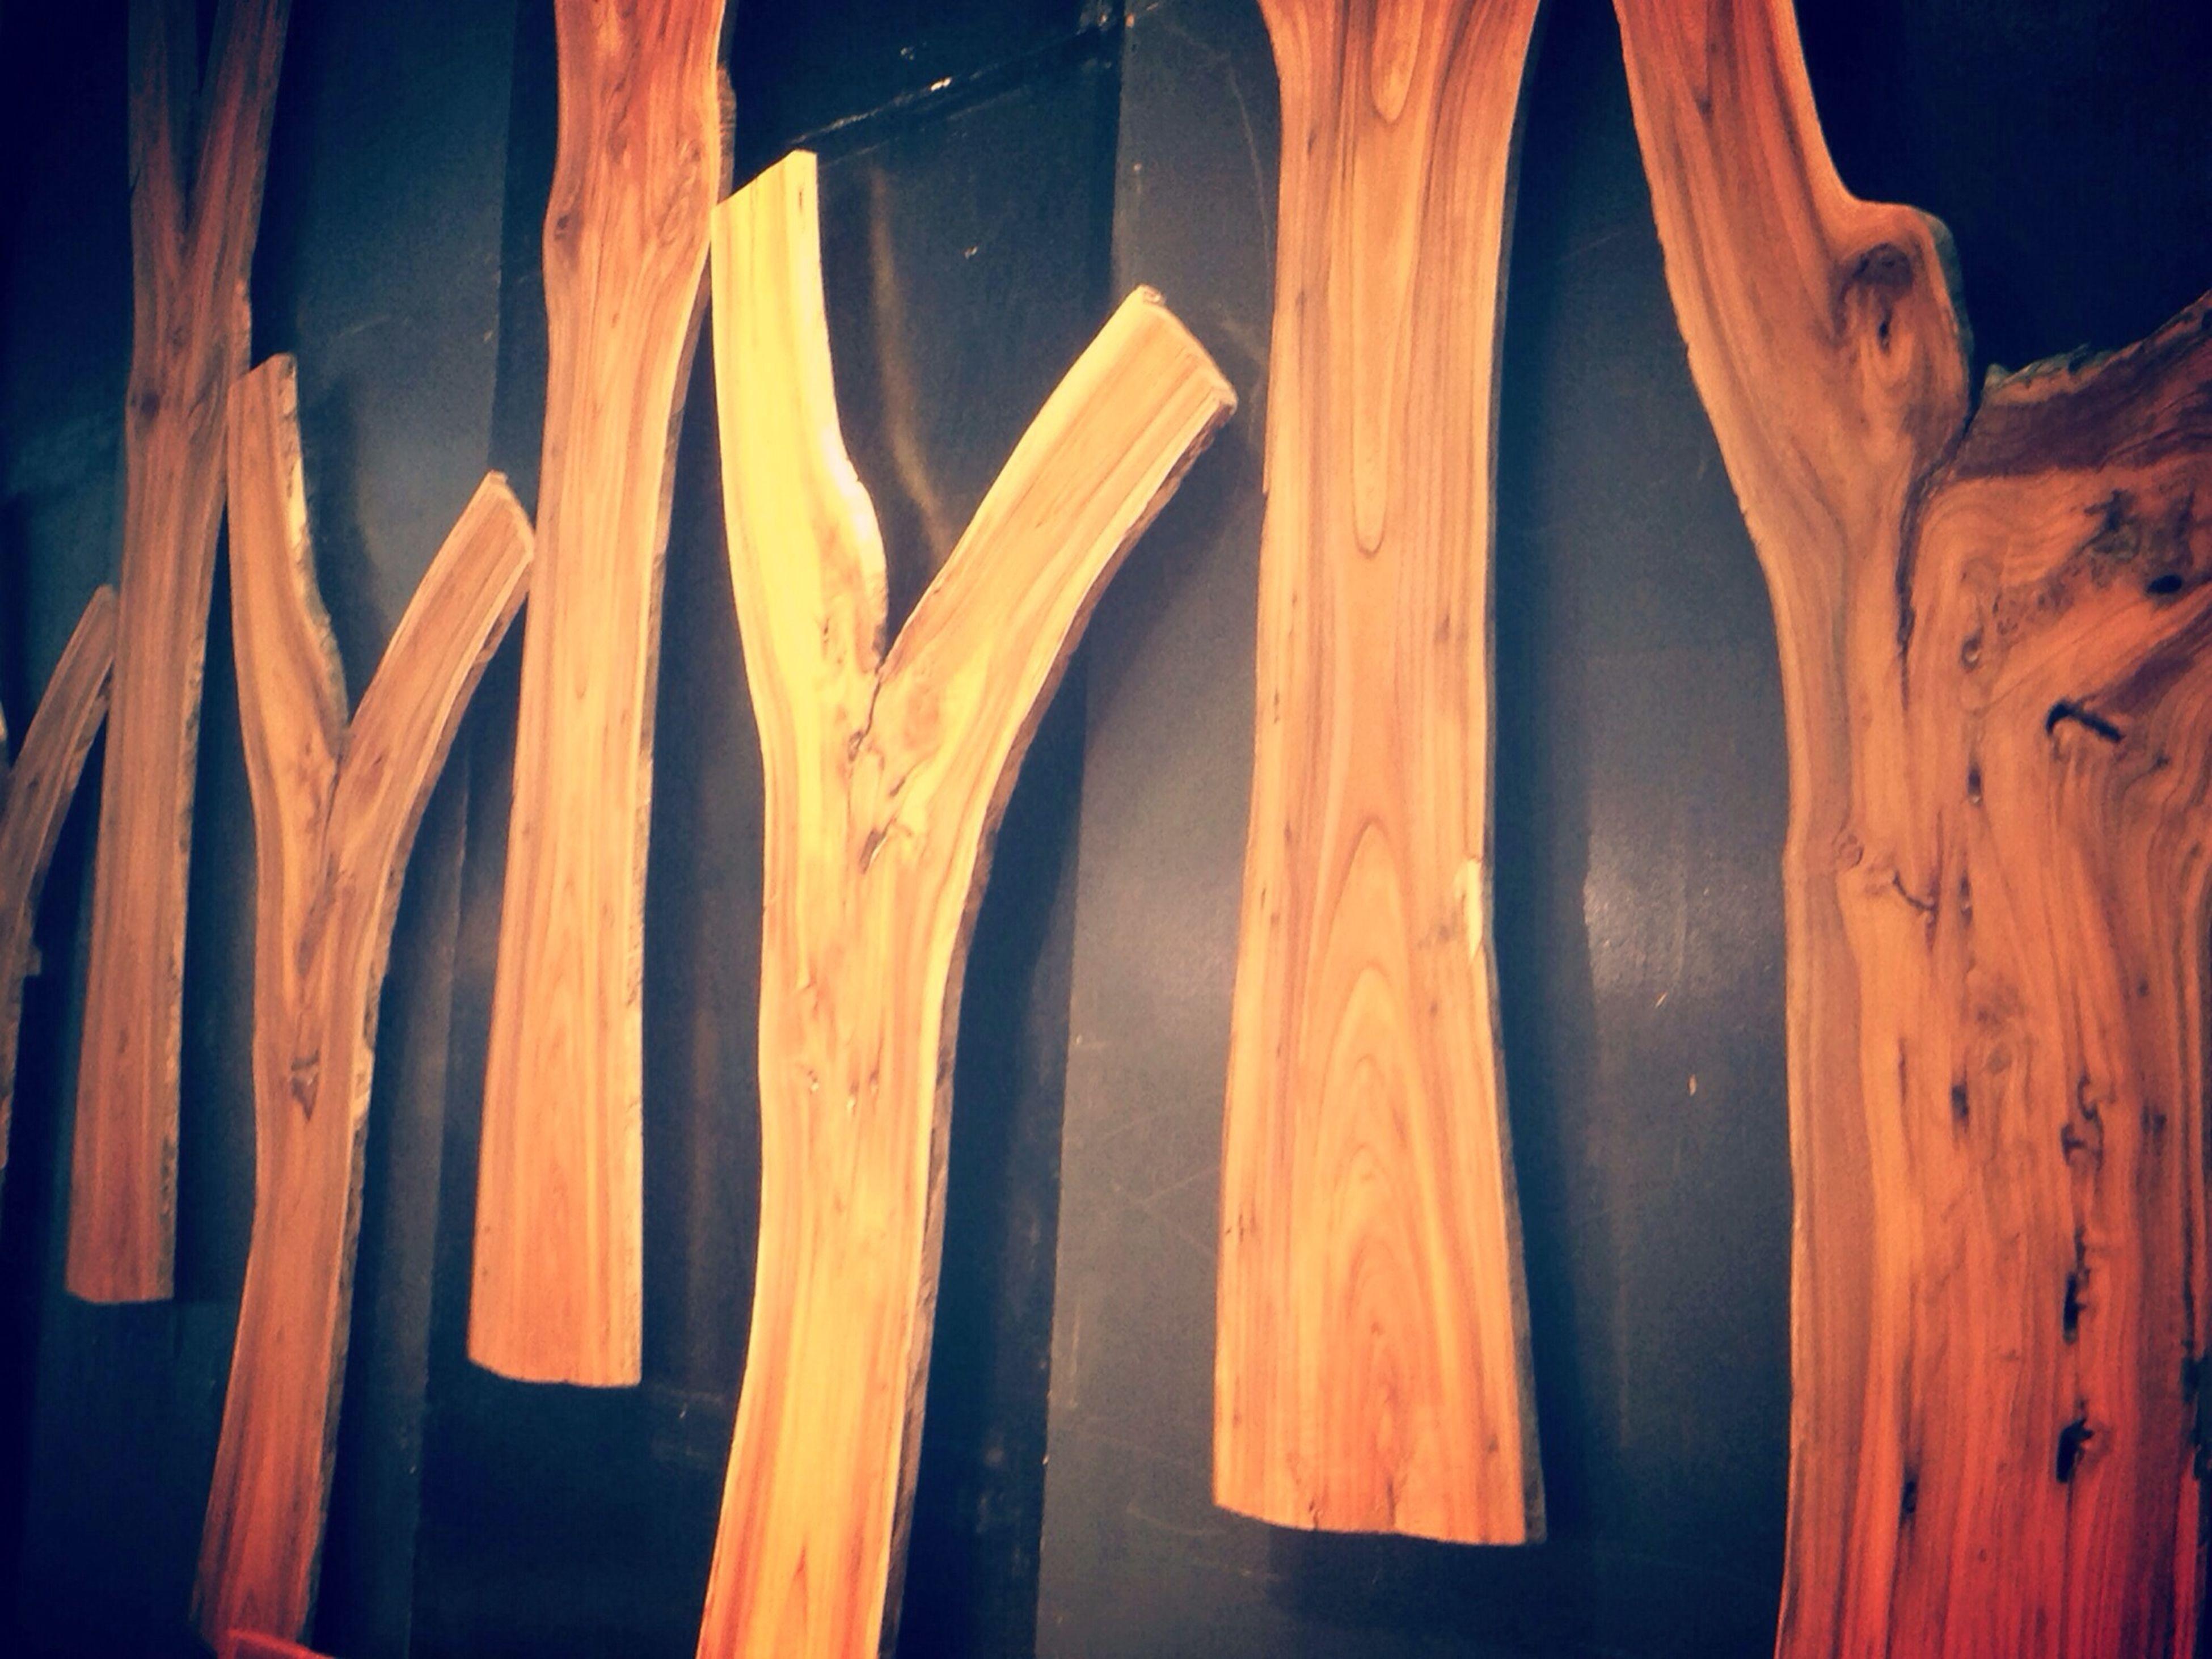 오늘 킨텍스를 다녀왔는데.. 그닥 Wood SculptureulpInteriornterior , Interior Design , Interior Decorating